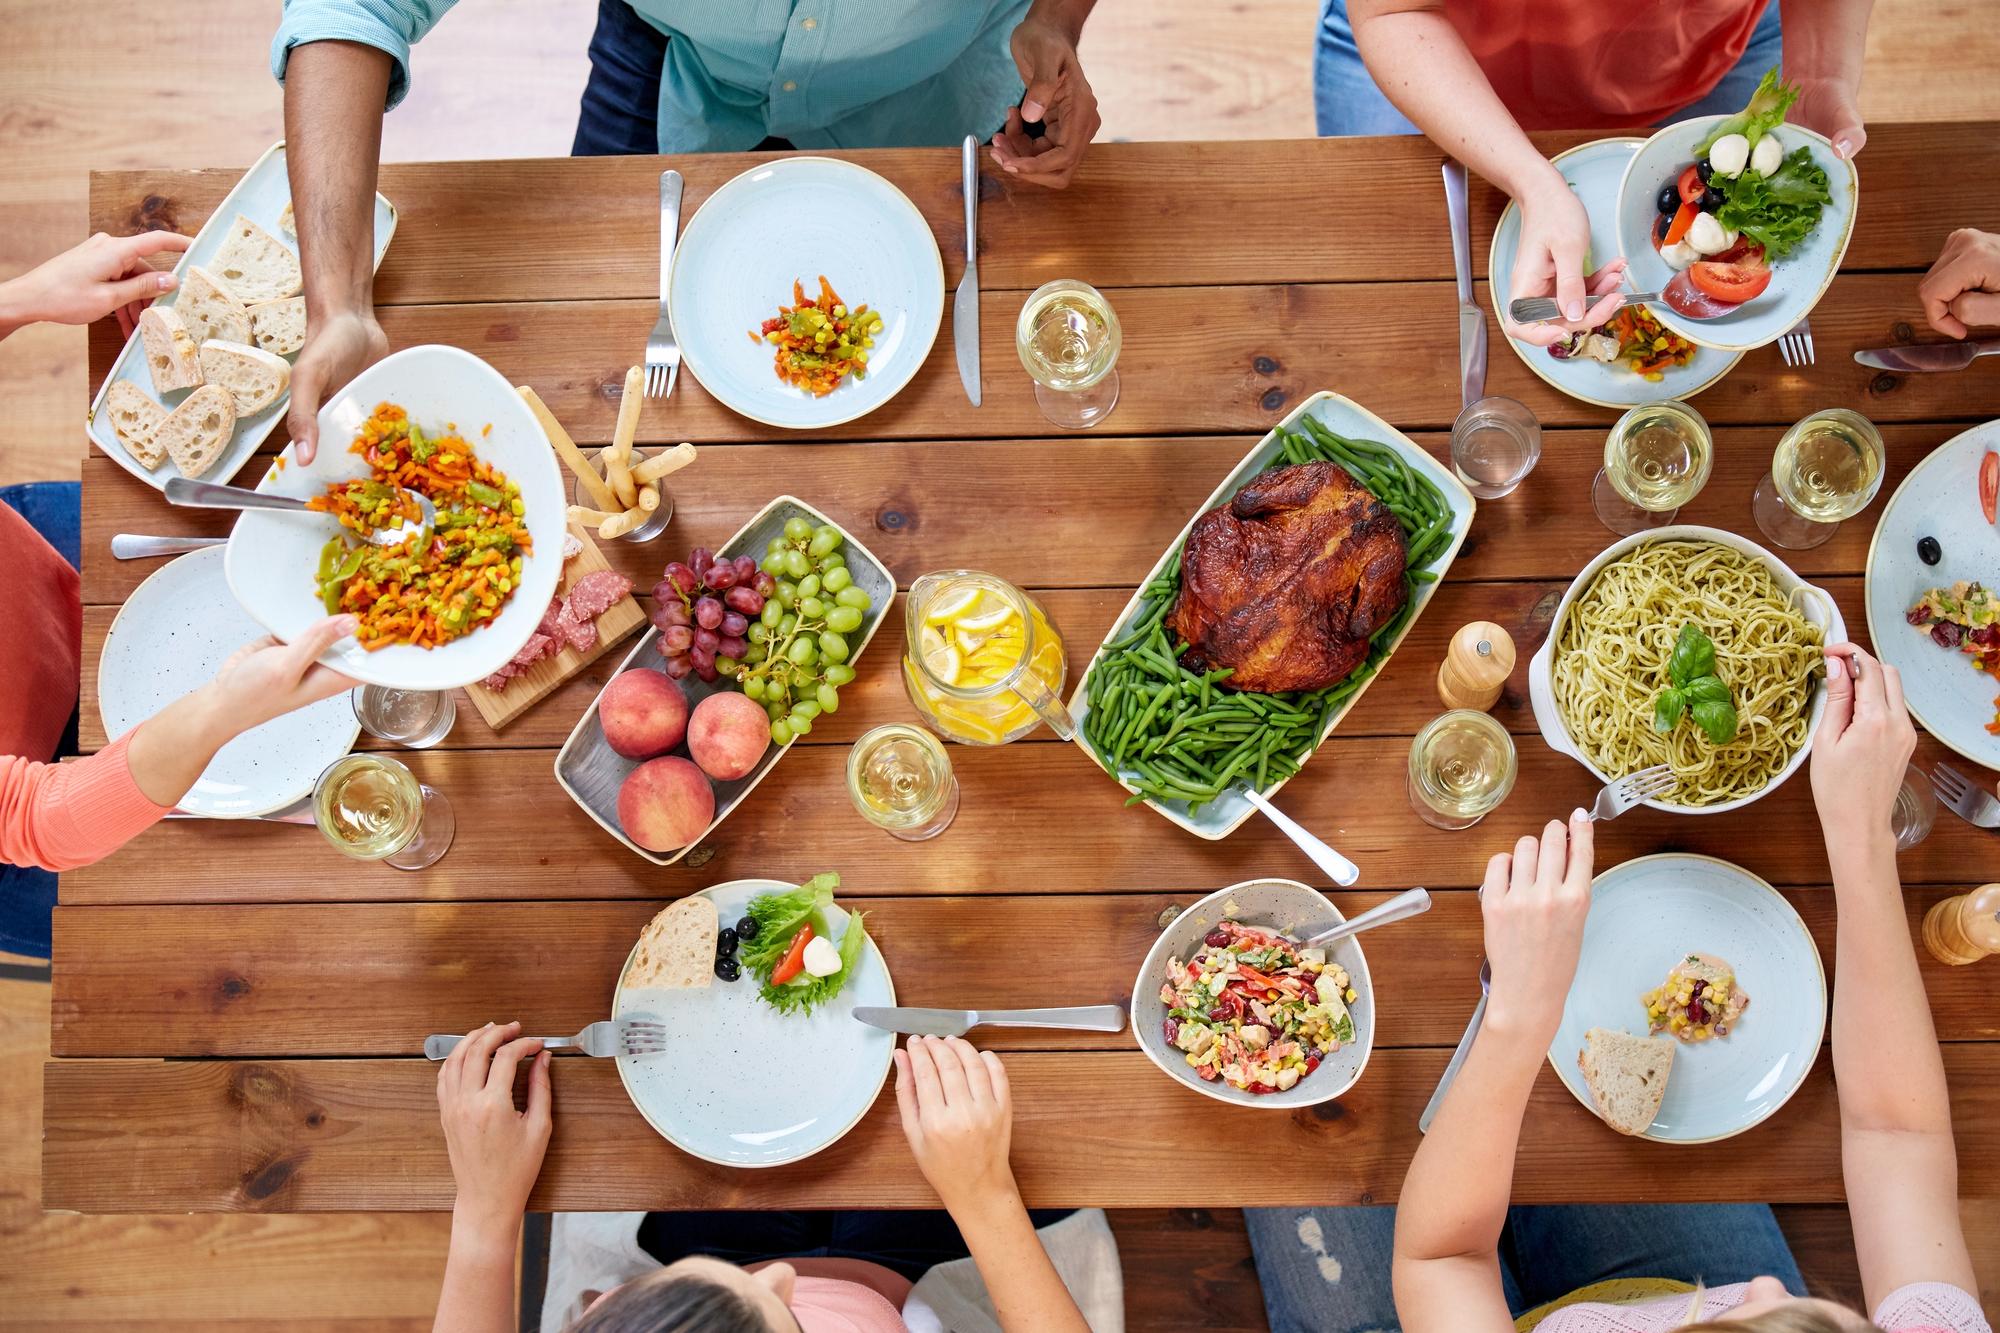 رستوران به سبک خانوادگی